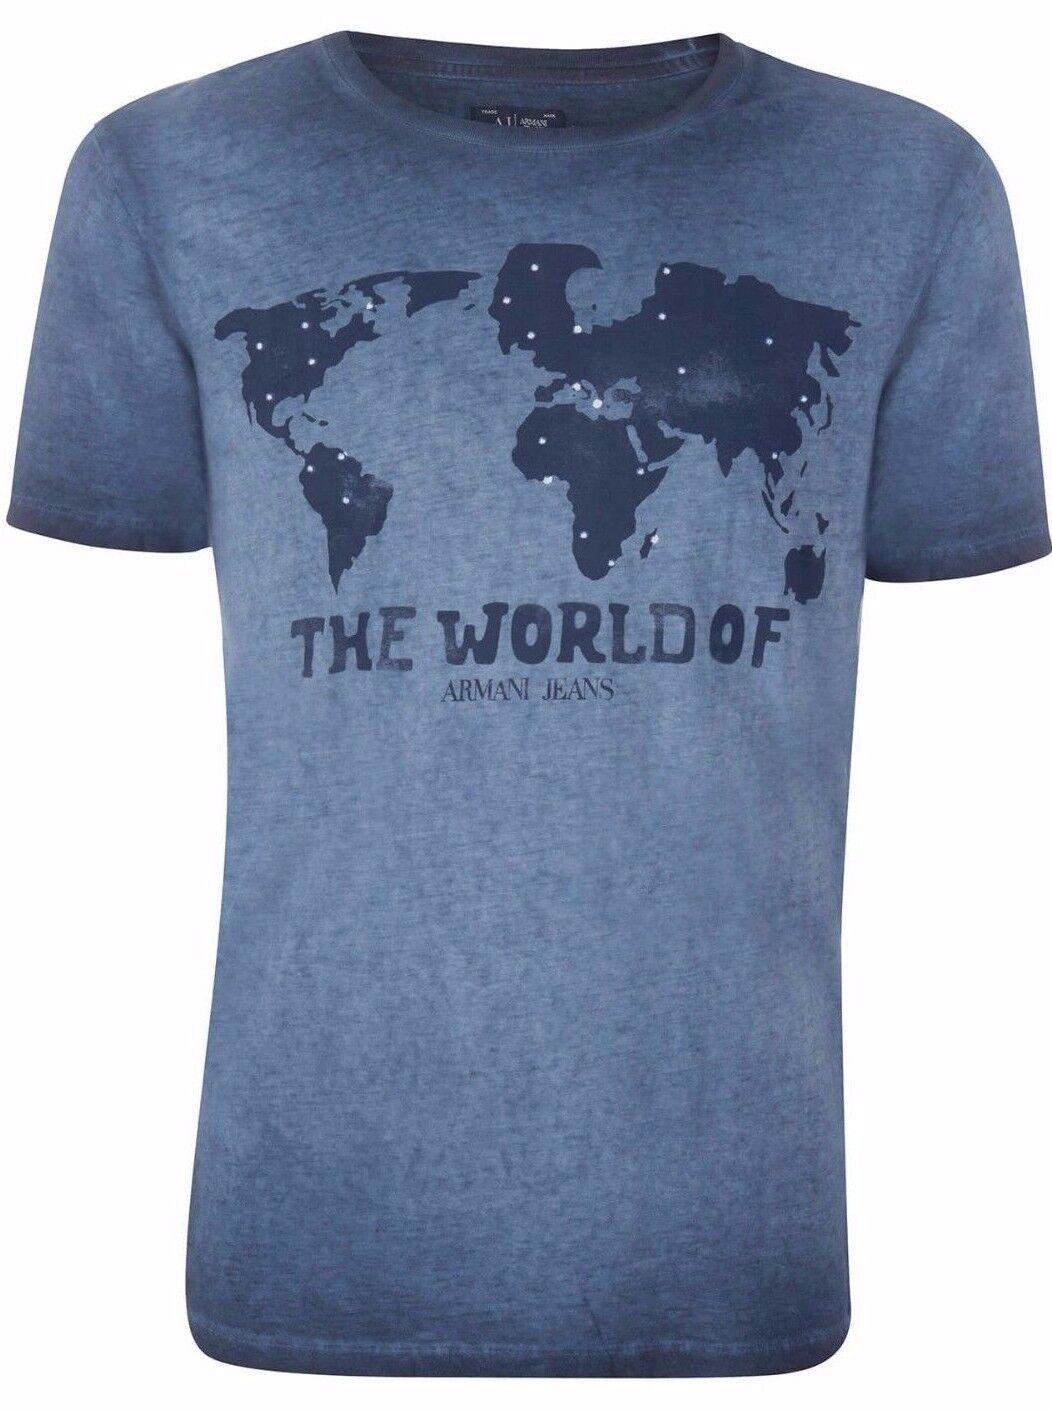 ARMANI Jeans da uomo blu  Il mondo di Armani Jeans'S T-Shirt Tutte Le Taglie Nuovo Con Etichetta